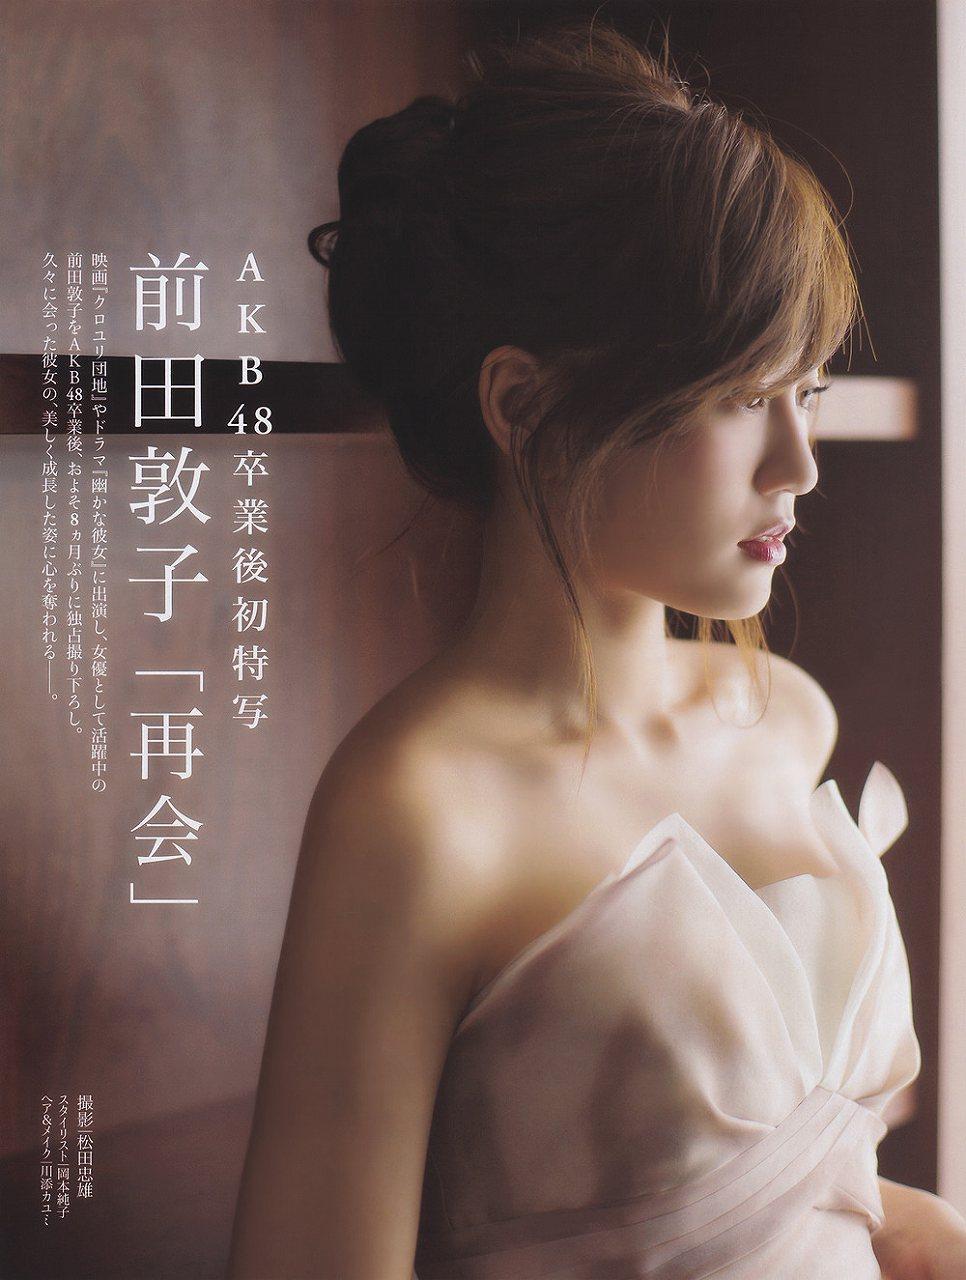 前田敦子のグラビア